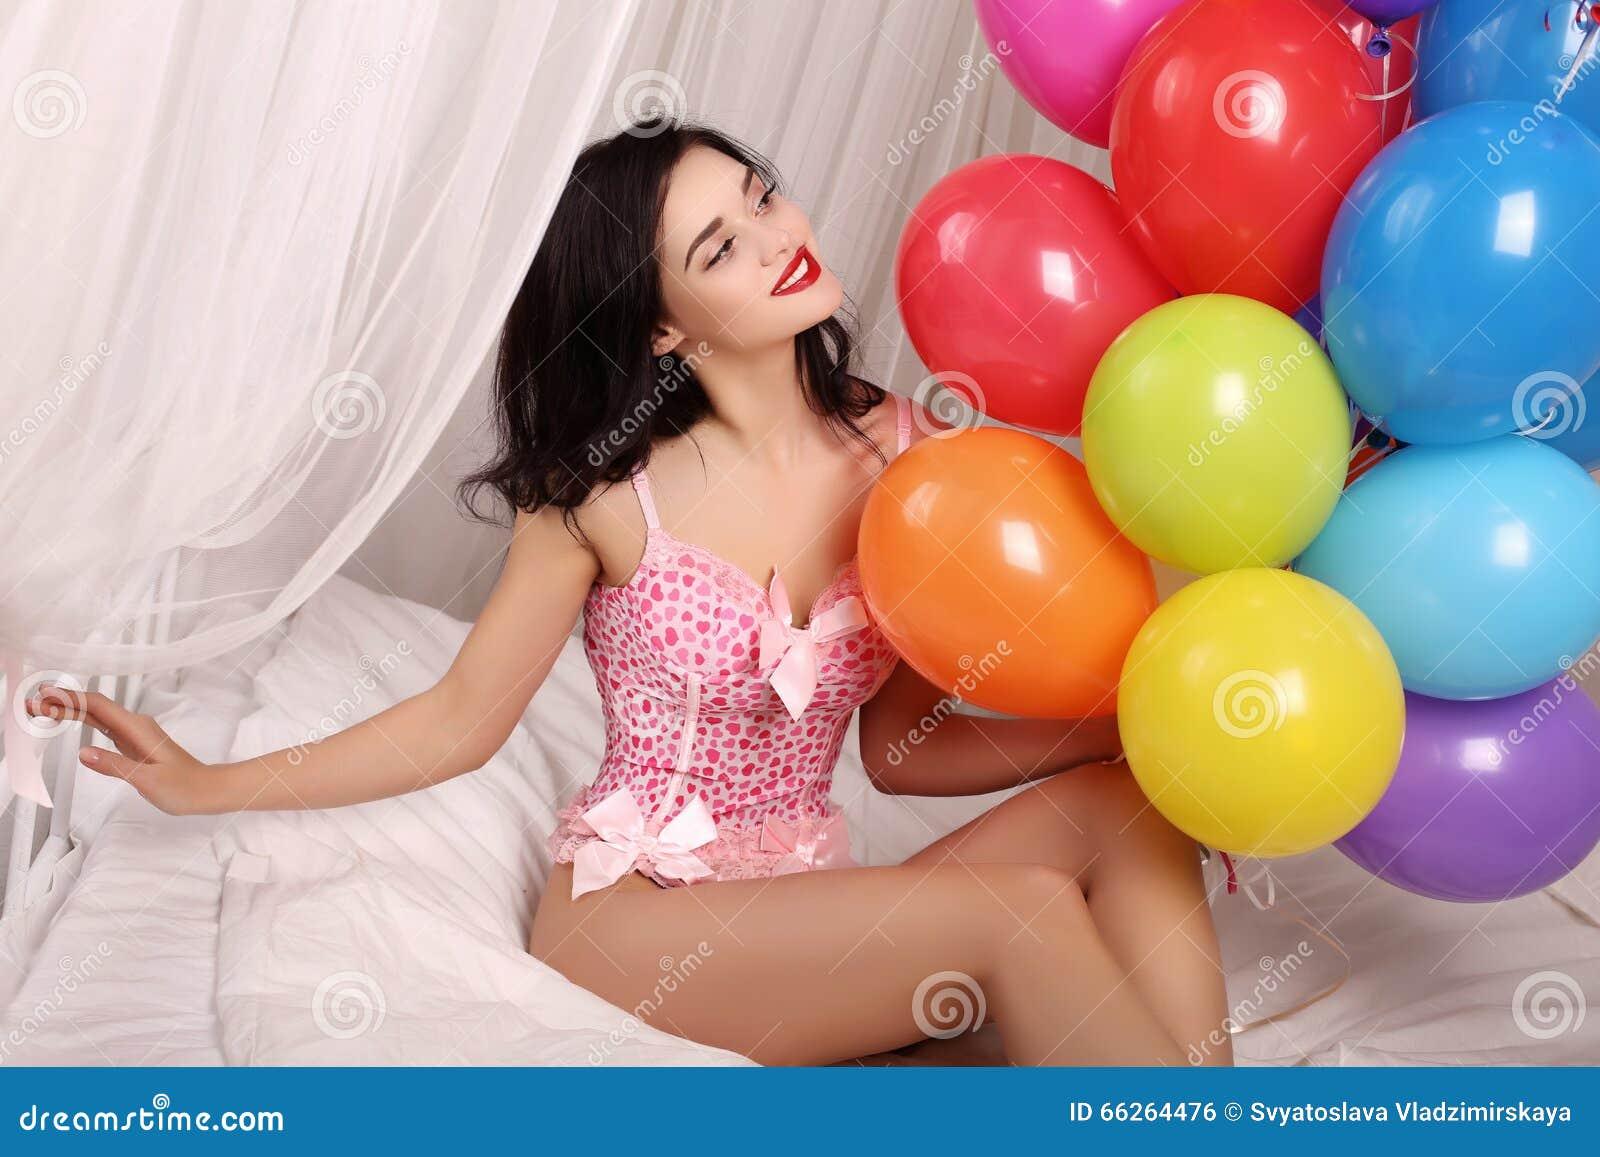 Balloons Sexy 99